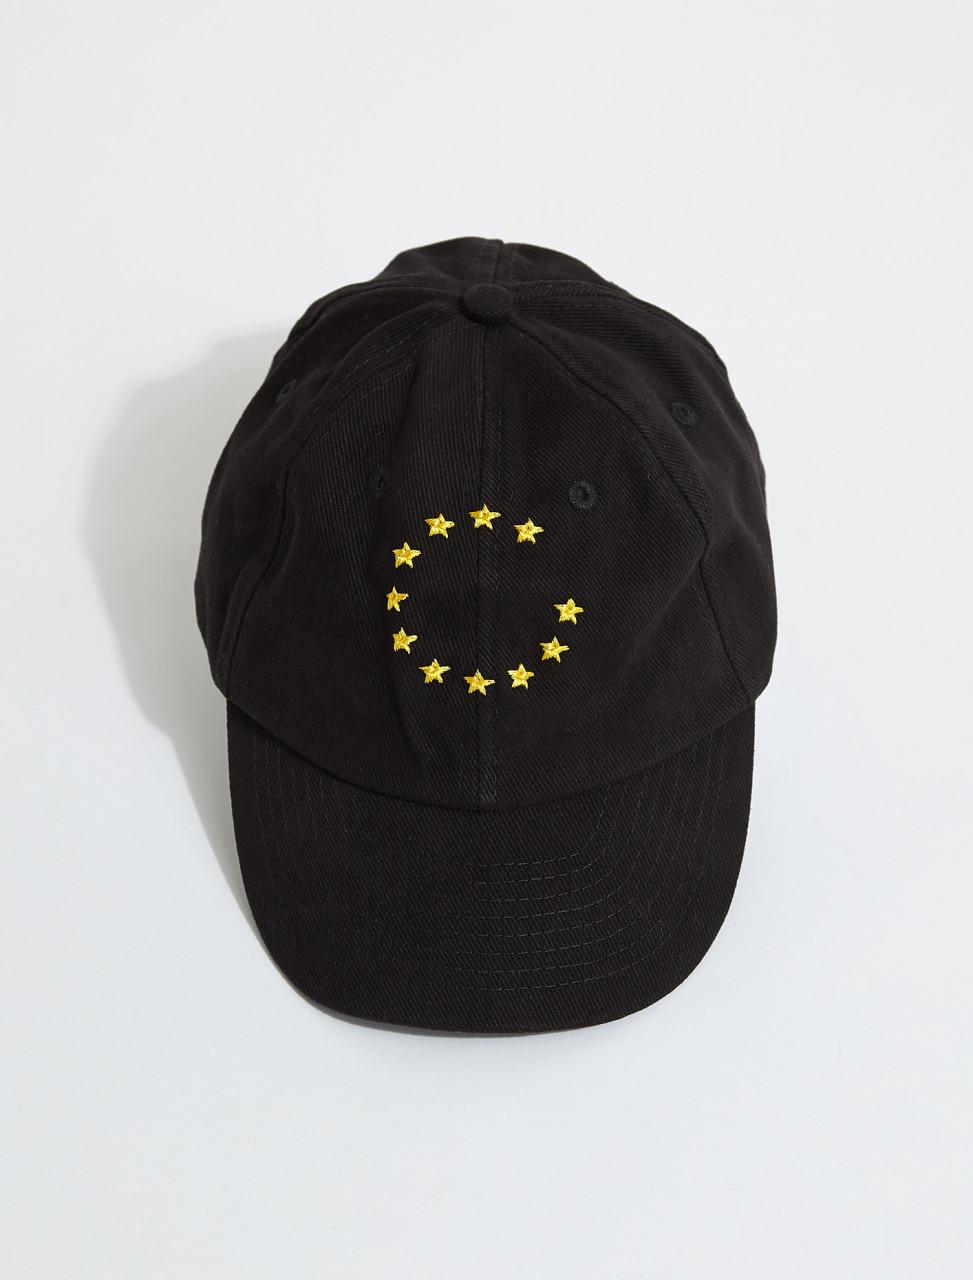 168-EUNIFY-CAPB SOUVENIR CAP BLACK